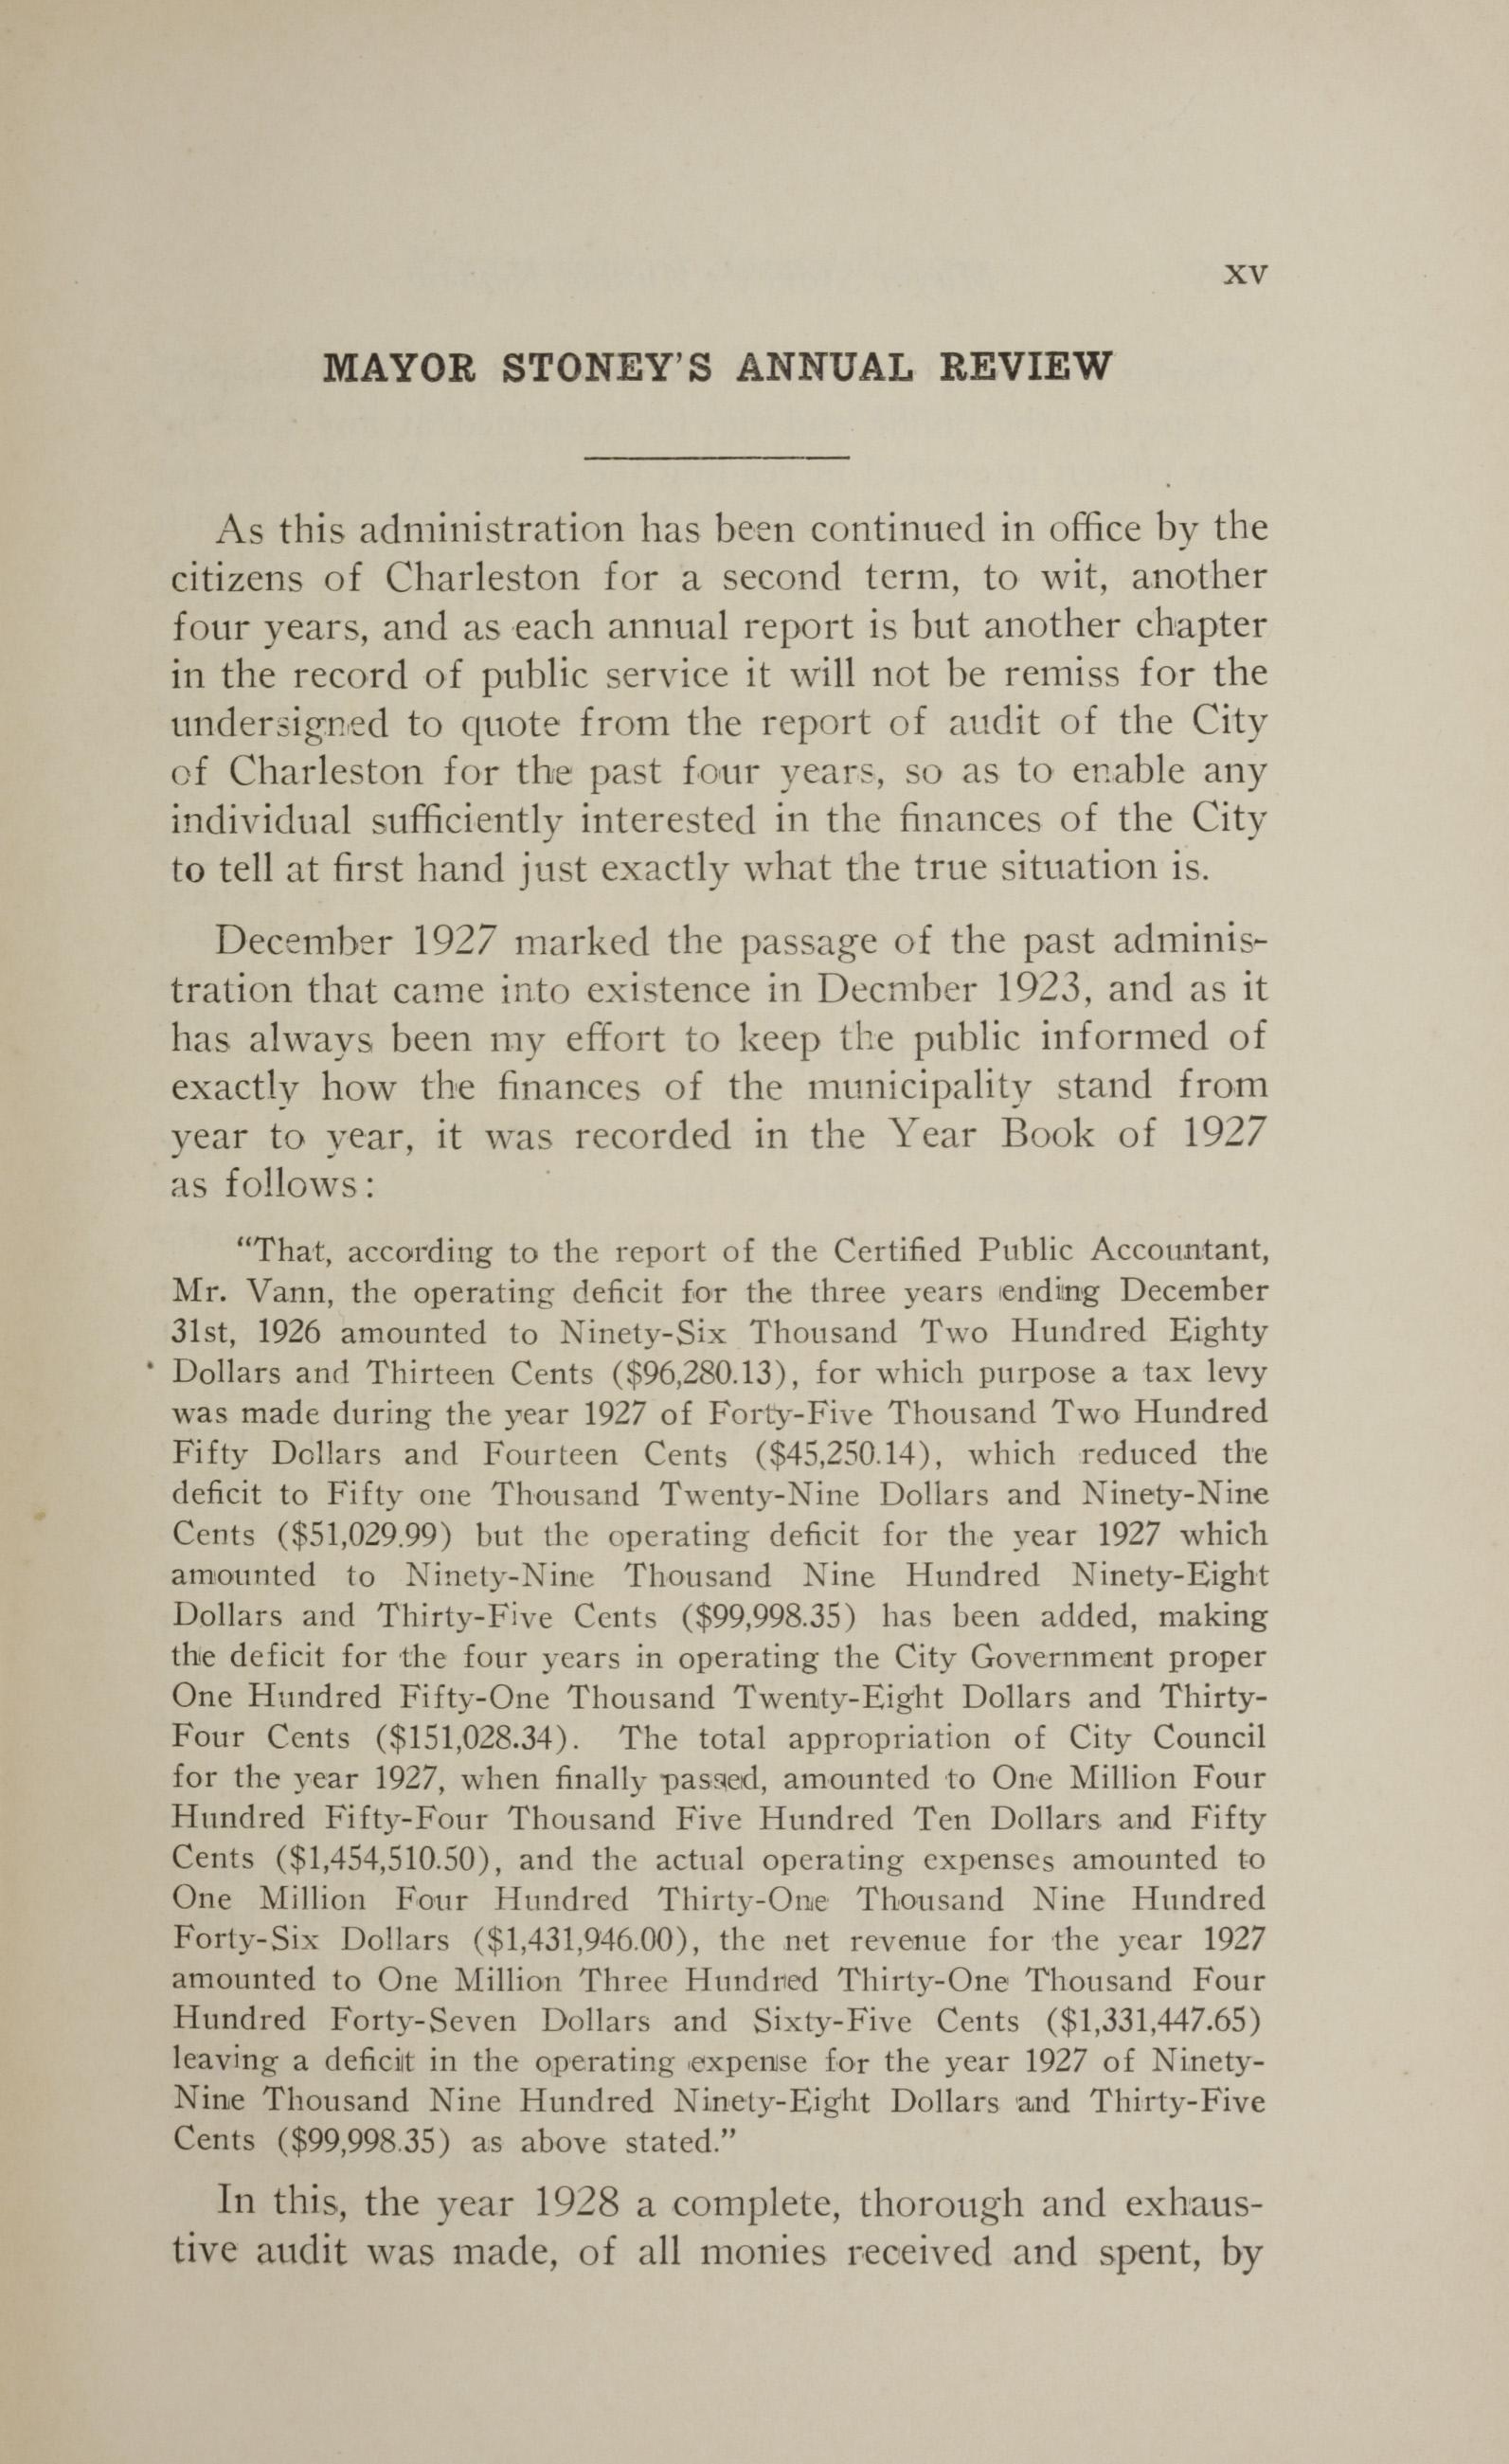 Charleston Yearbook, 1928, page xv